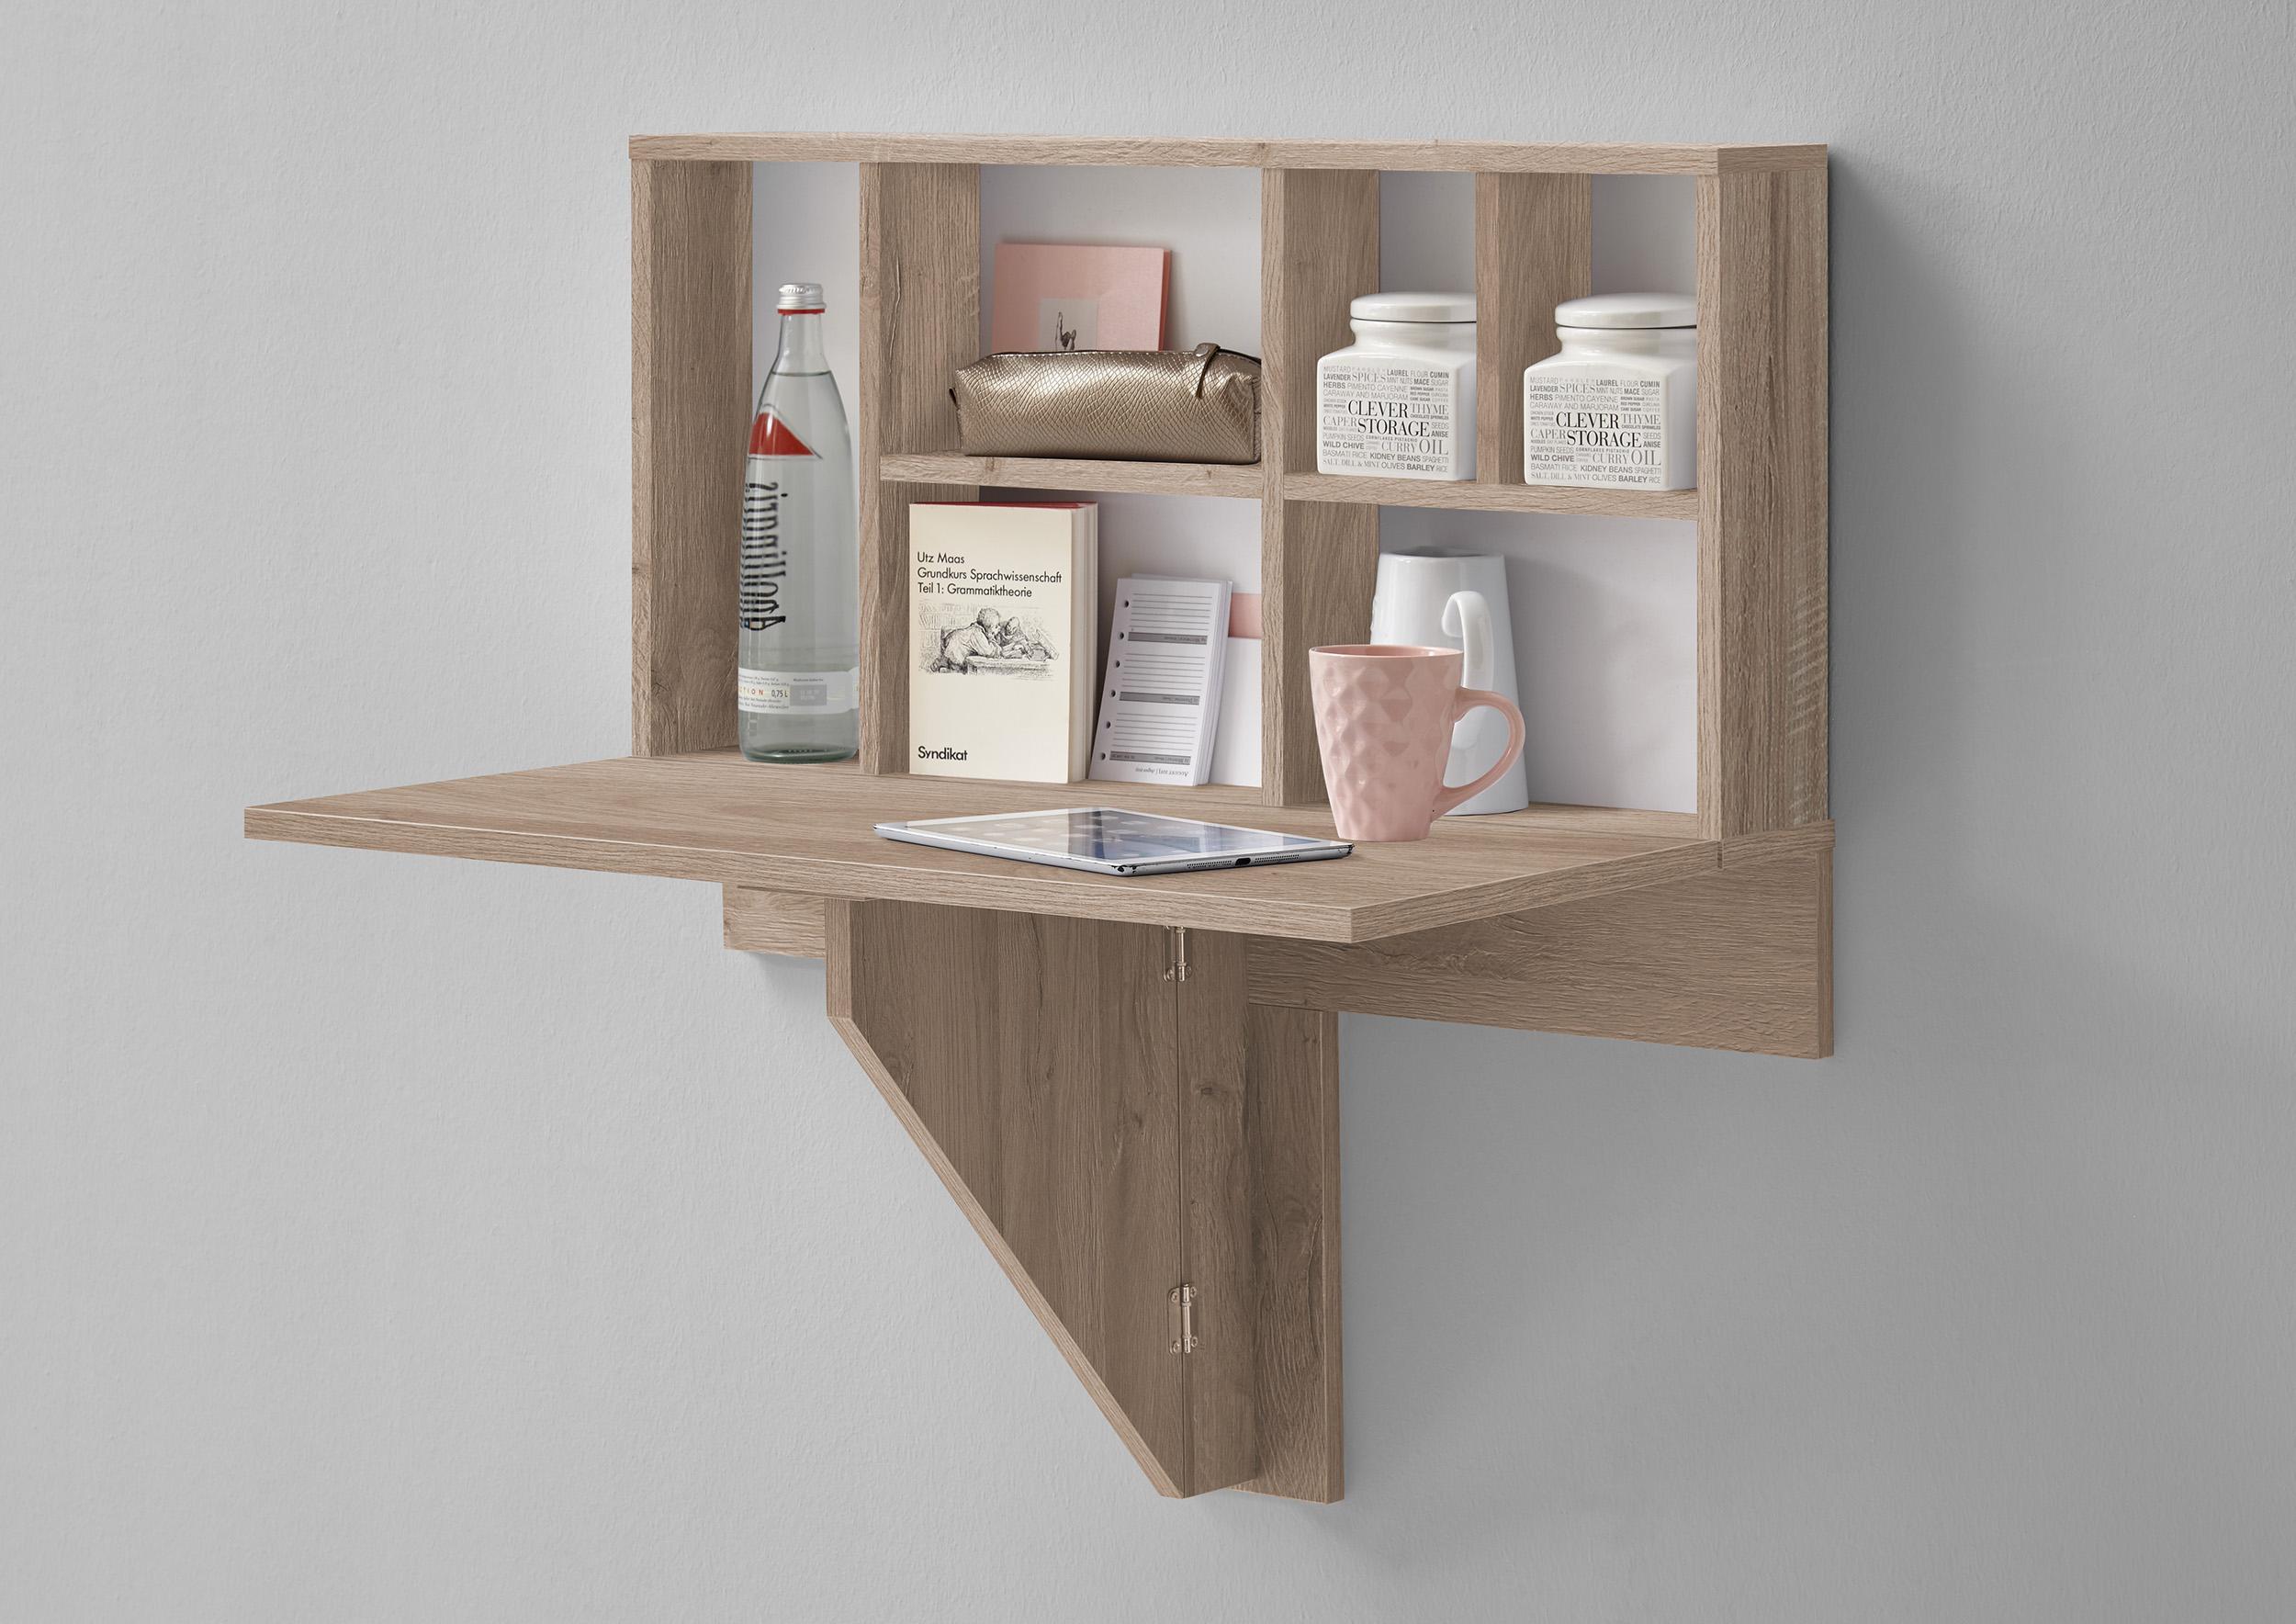 klapptisch mit regal ablage k chentisch esstisch wandregal f658 001 eiche wei ebay. Black Bedroom Furniture Sets. Home Design Ideas